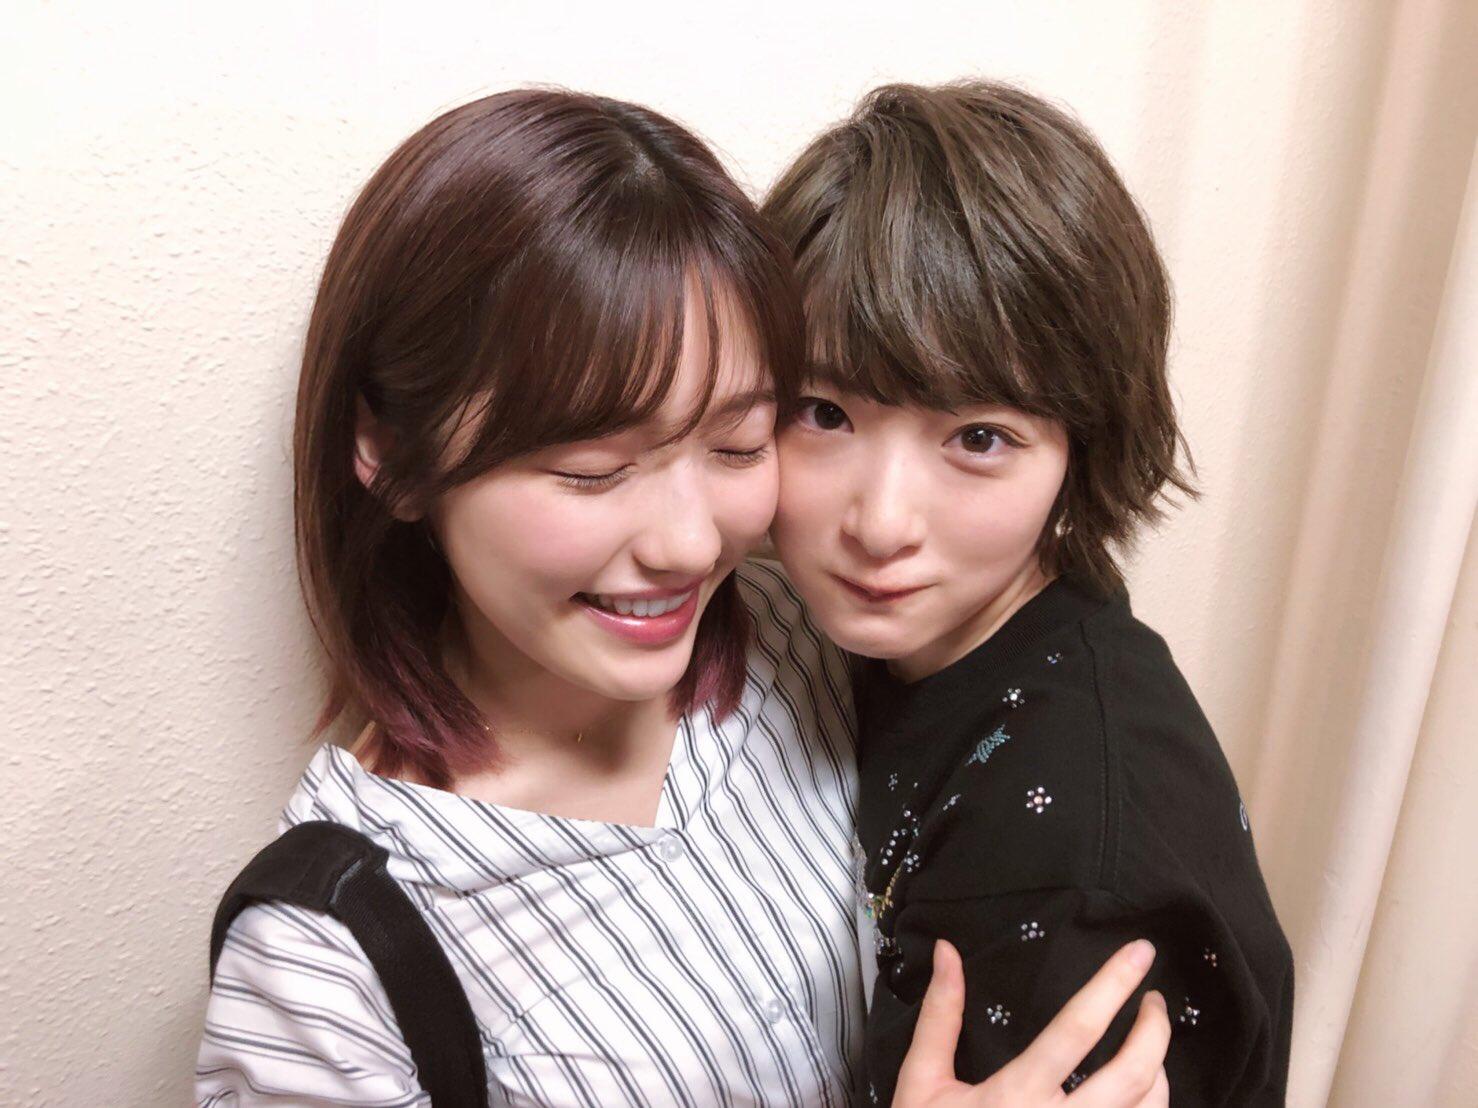 生駒里奈卒業コンサートセットリストに初日他【まゆゆ】が間に合った